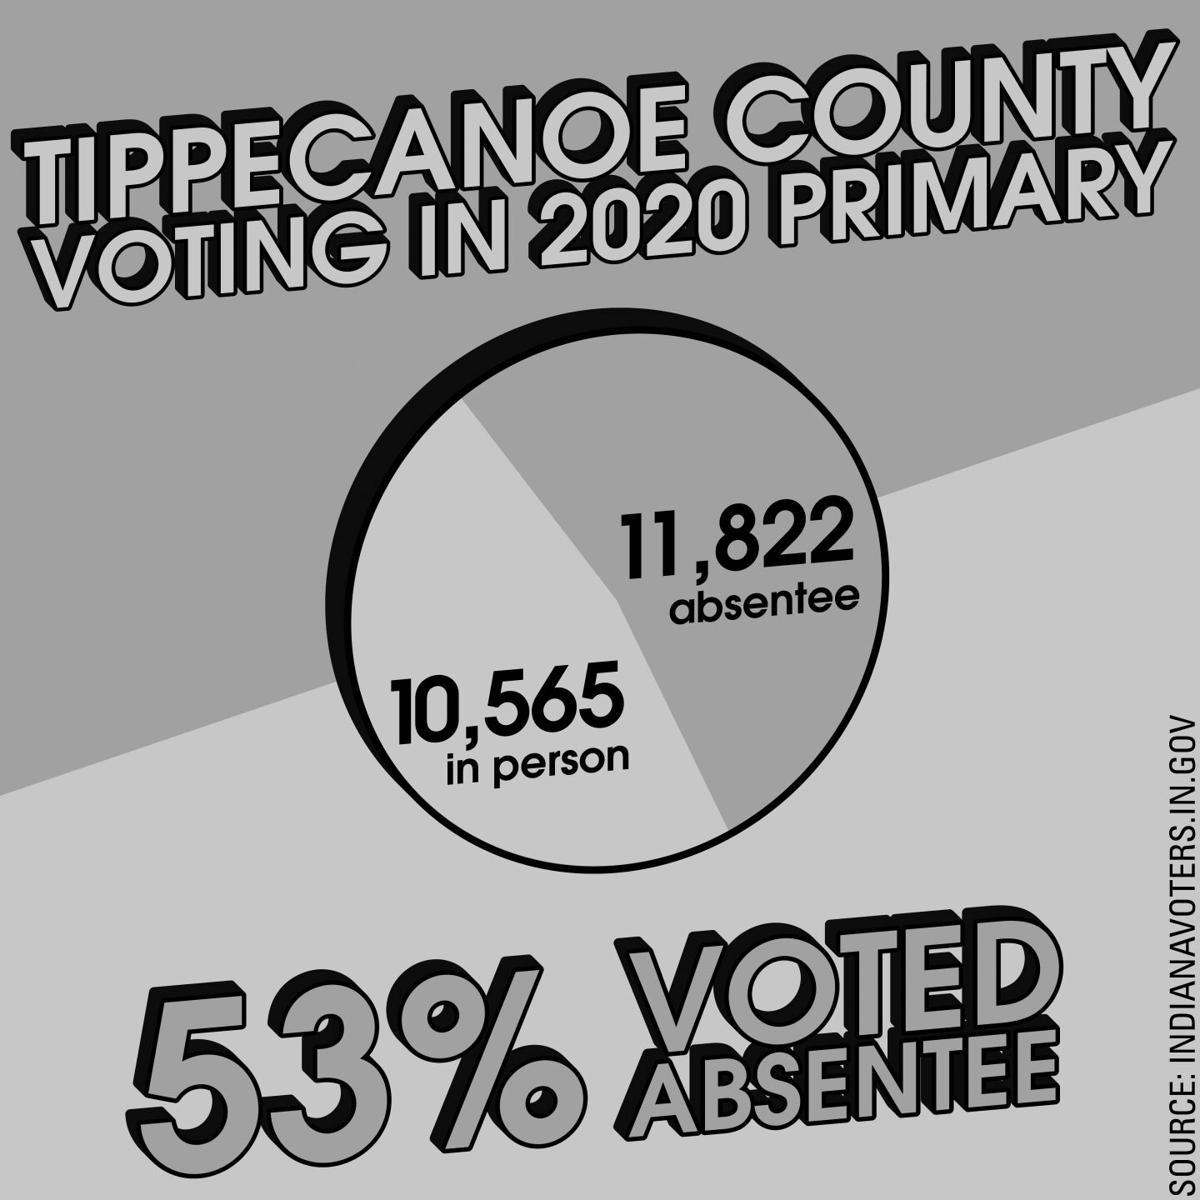 10/12 2020 Primary Voting Methods